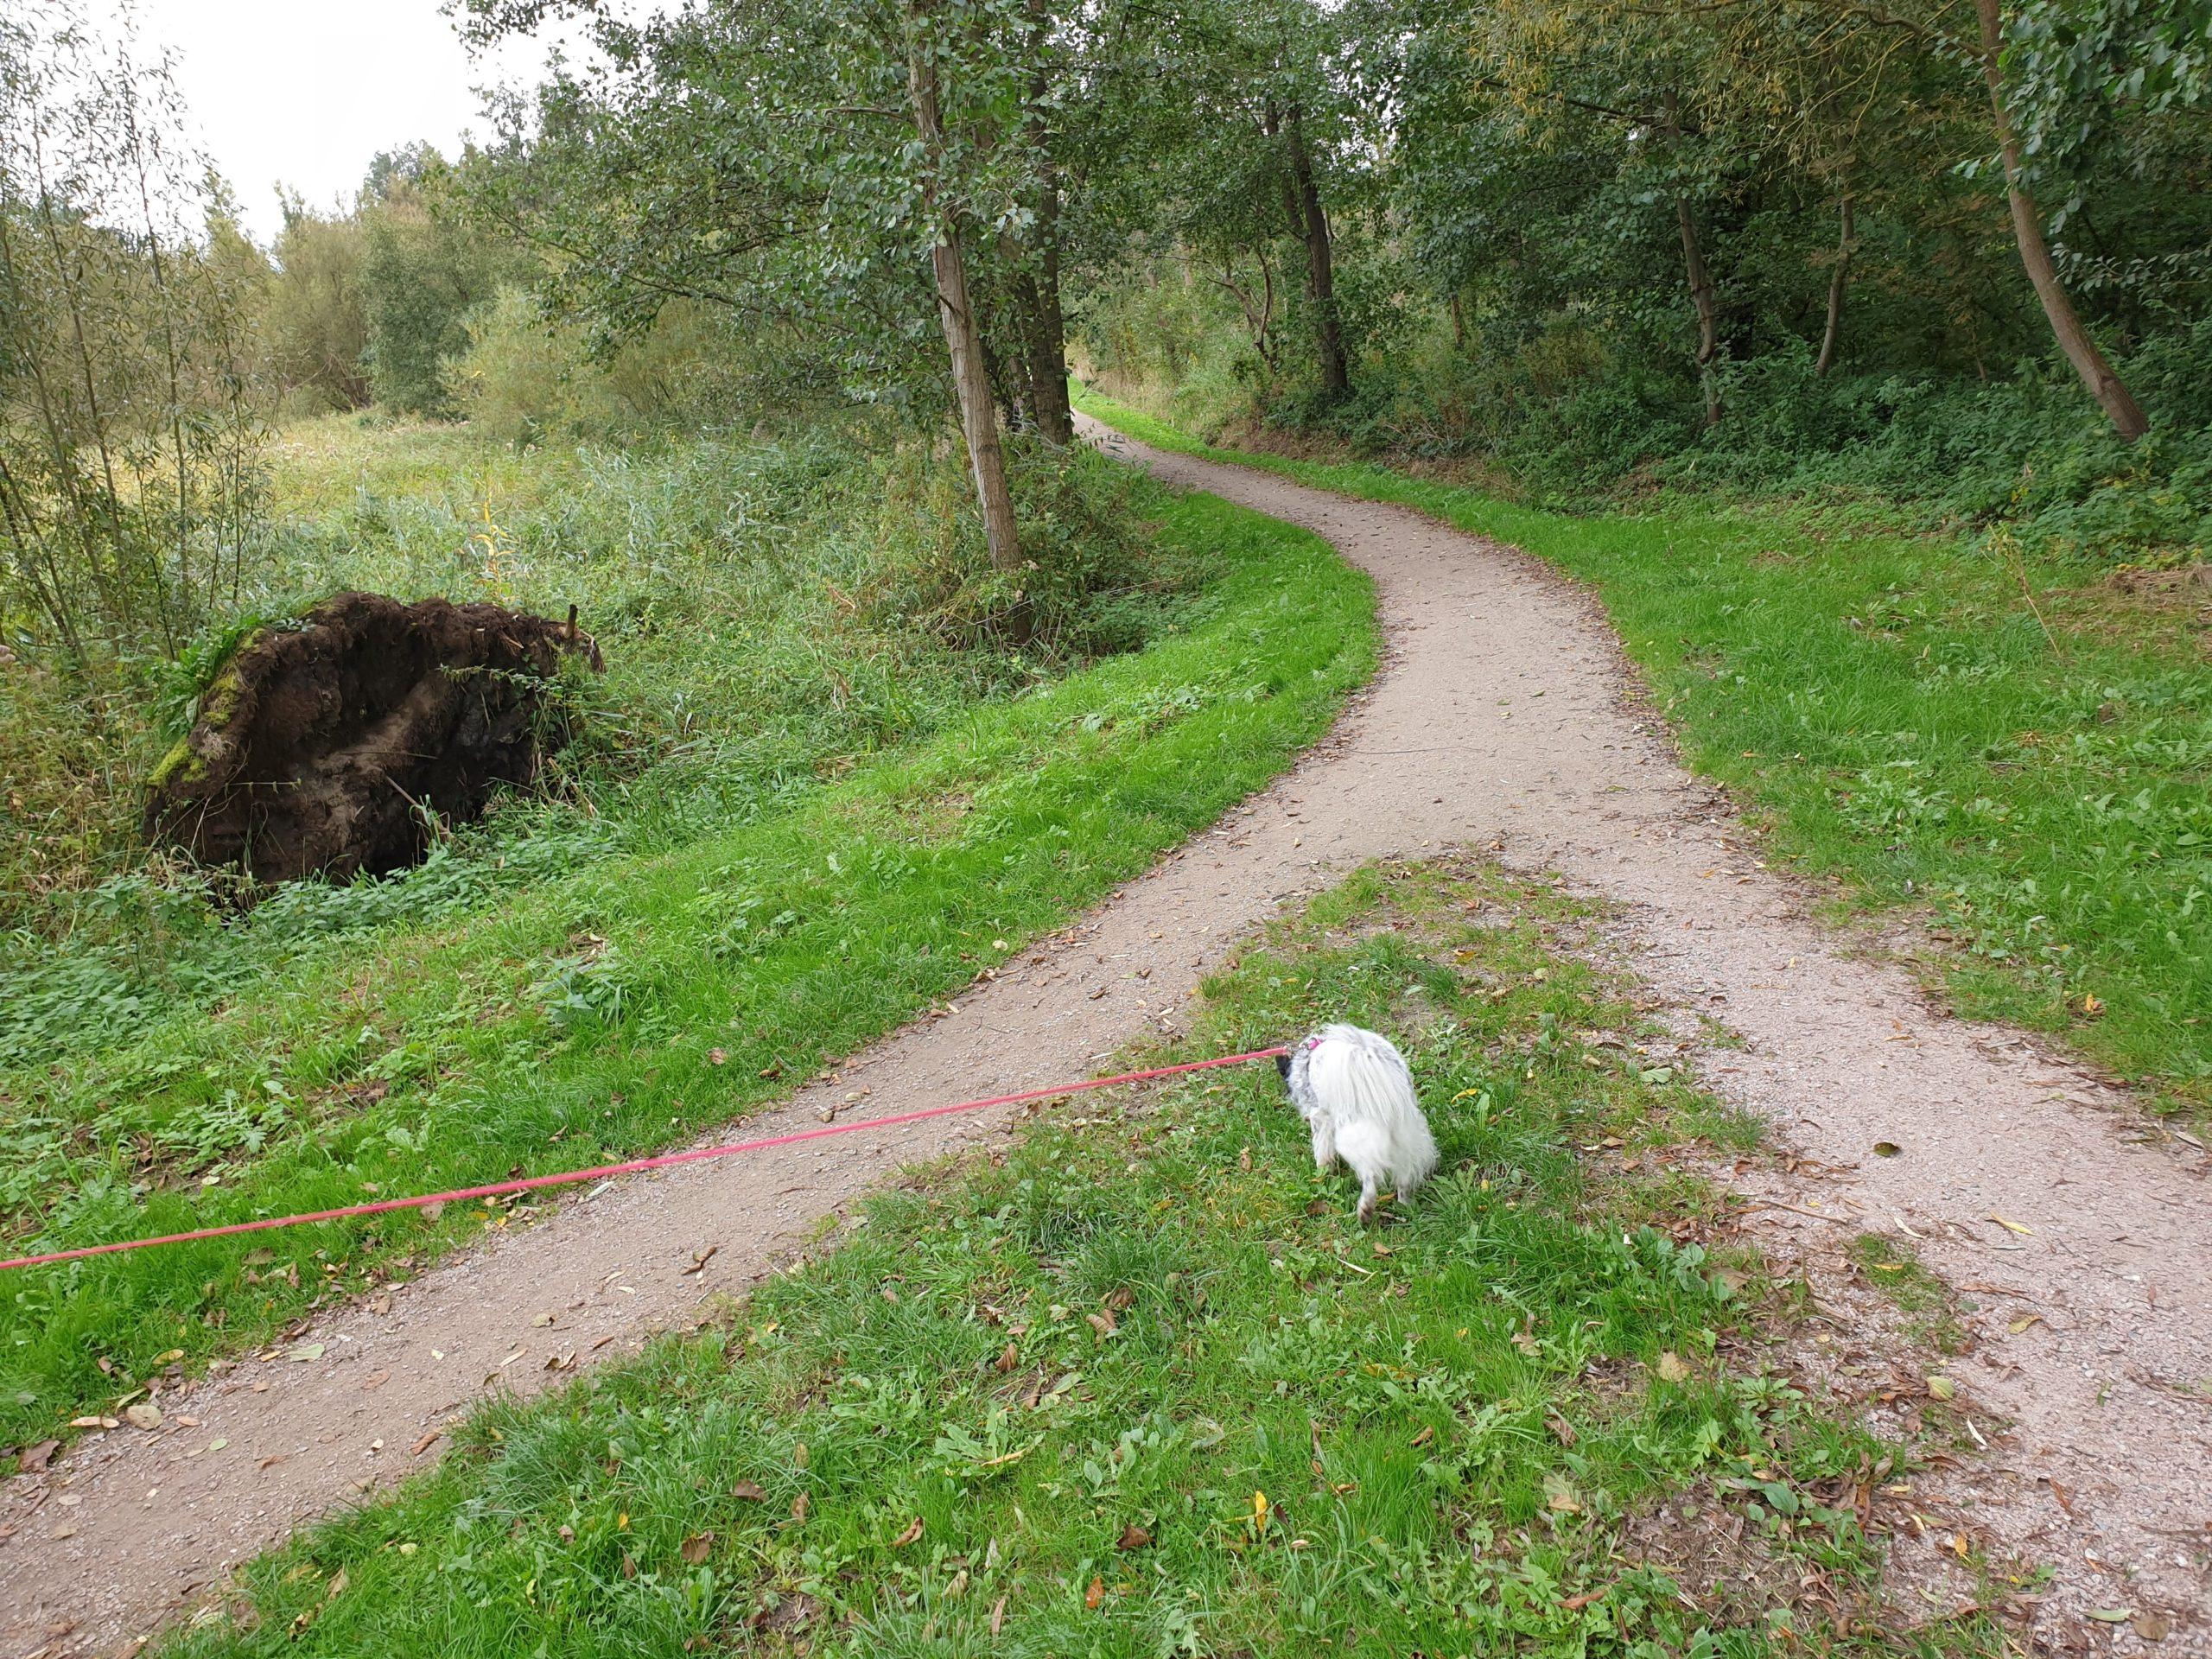 Hund schnüffelt am Weg